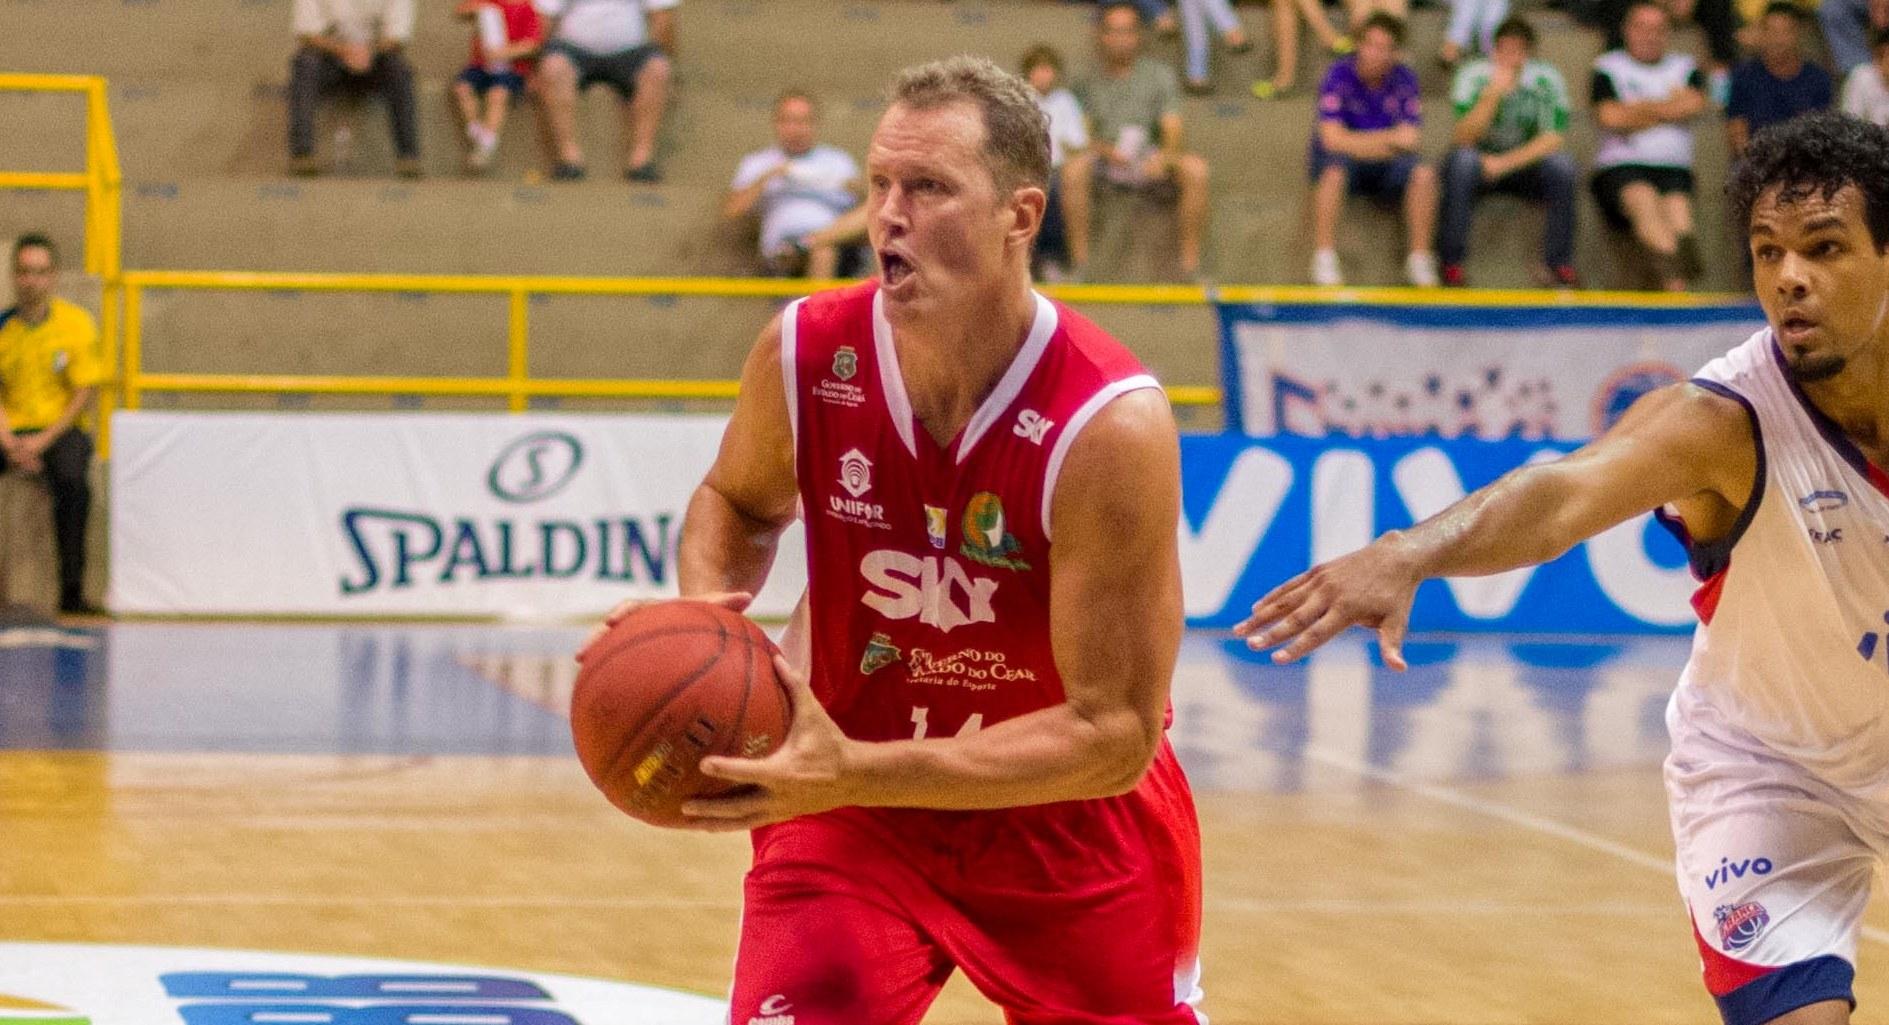 O jogador já atuou por Sogipa (RS), Monte Líbano (SP), Jales (SP), Vasco da Gama (RJ), Ajax (GO), Uberlândia (MG), Franca (SP), Limeira (SP) e Basquete Cearense (CE) (Newton Nogueira/Divulgação)